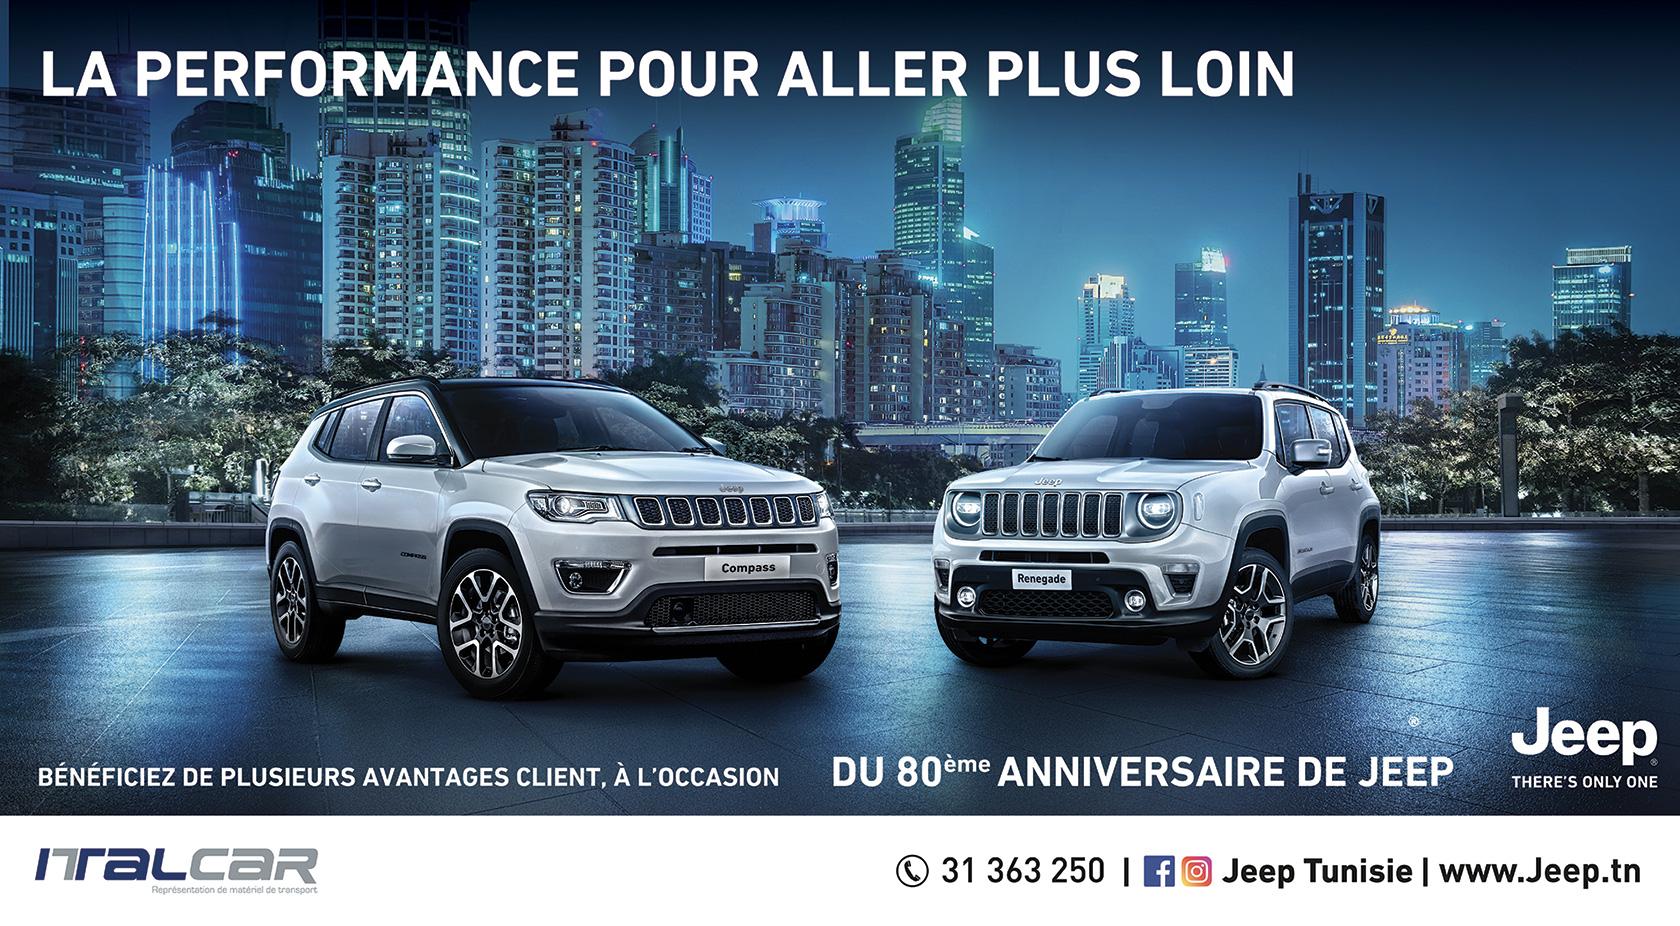 Jeep 80th anniversary, bénéficiez de plusieurs avantages clients sur toute la gamme